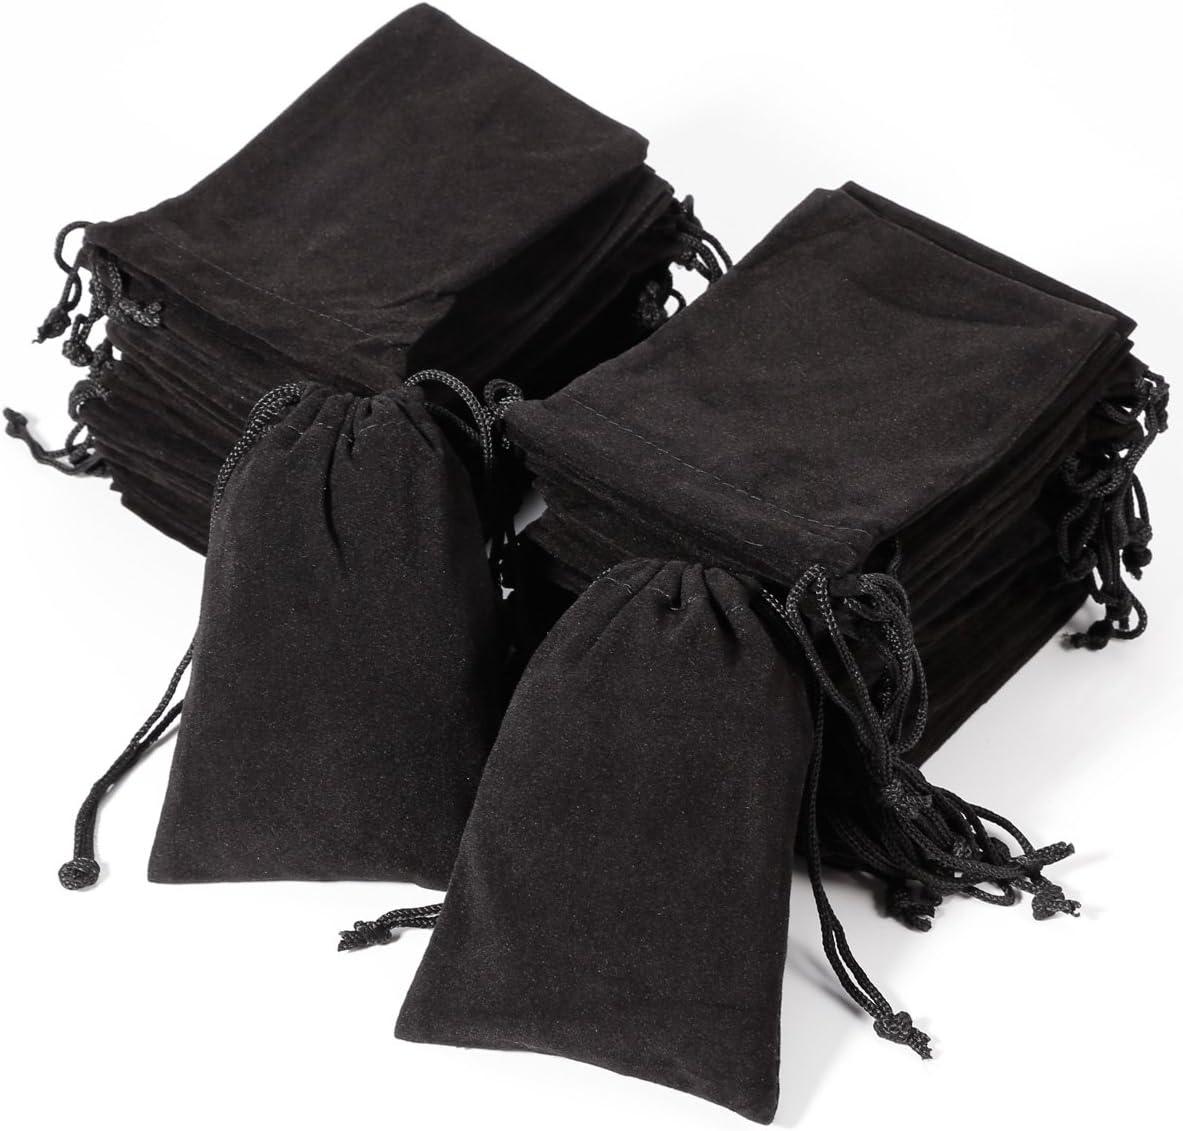 Geschenkbeutel aus Samt 50 St/ück Schwarz 5 x 7 cm mit Kordelzug